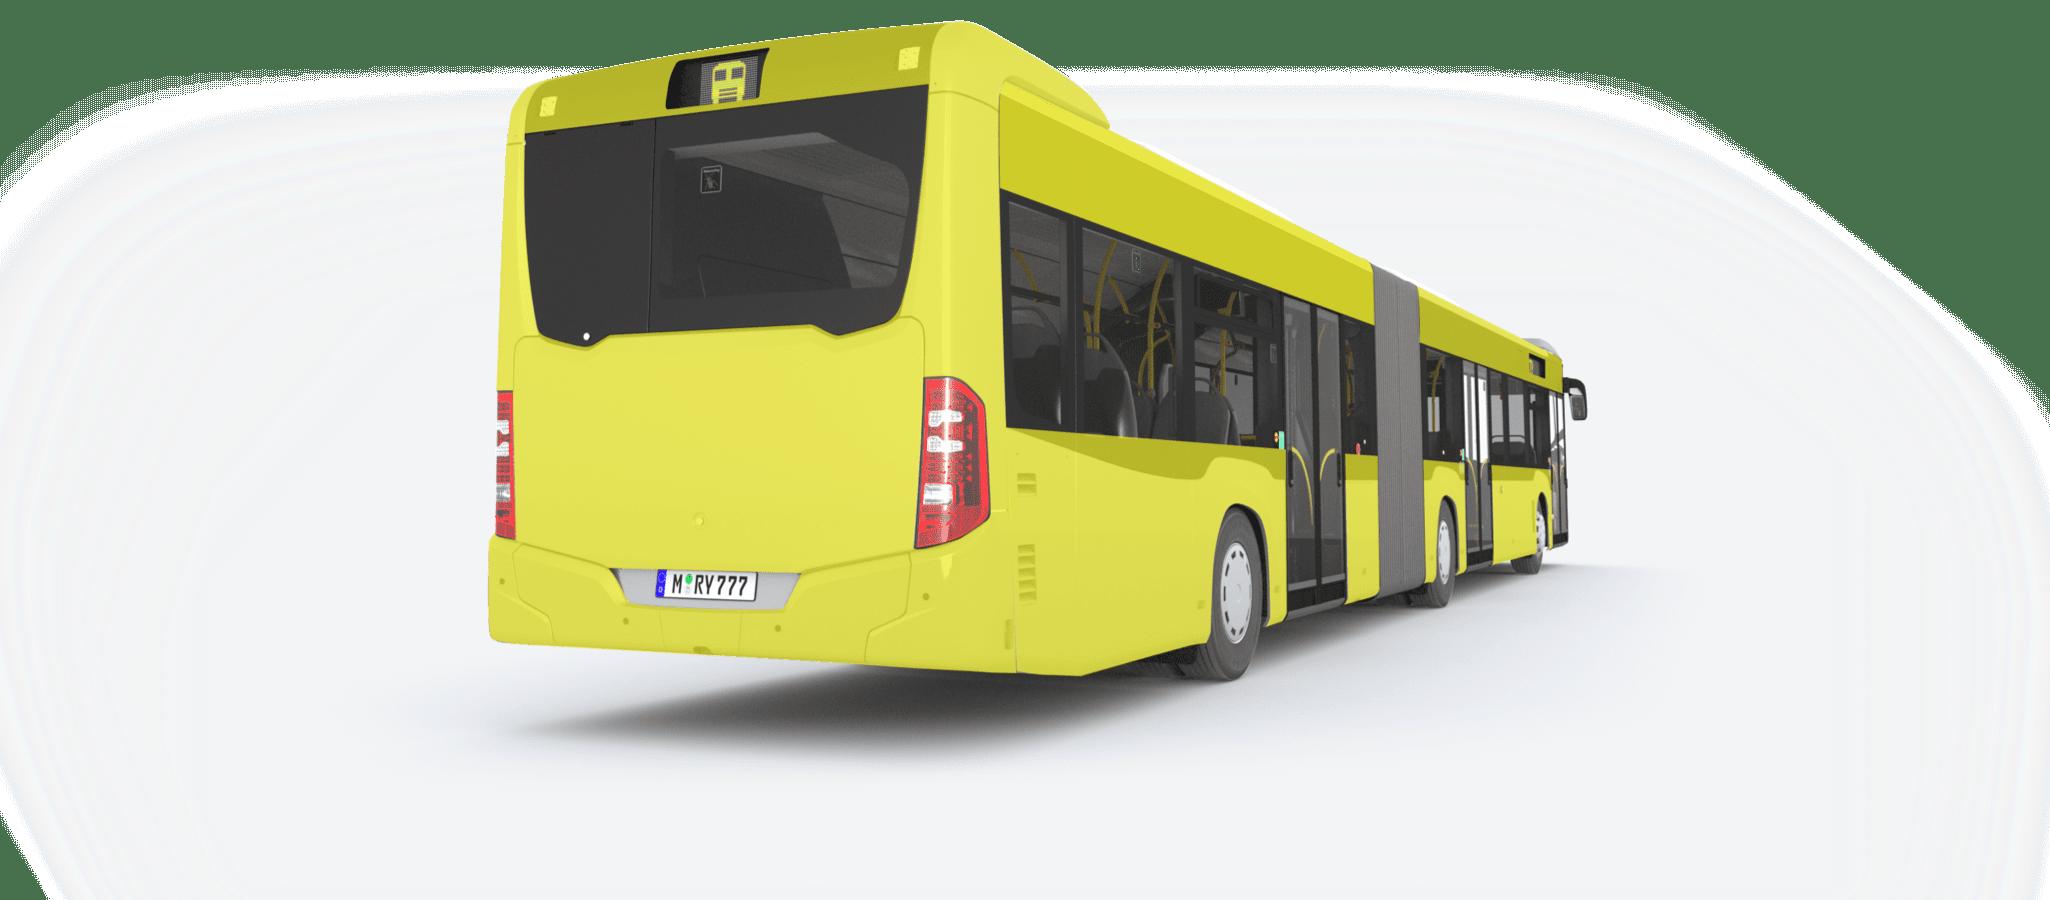 02_KWS-Buswerbung-Ganzgestaltung